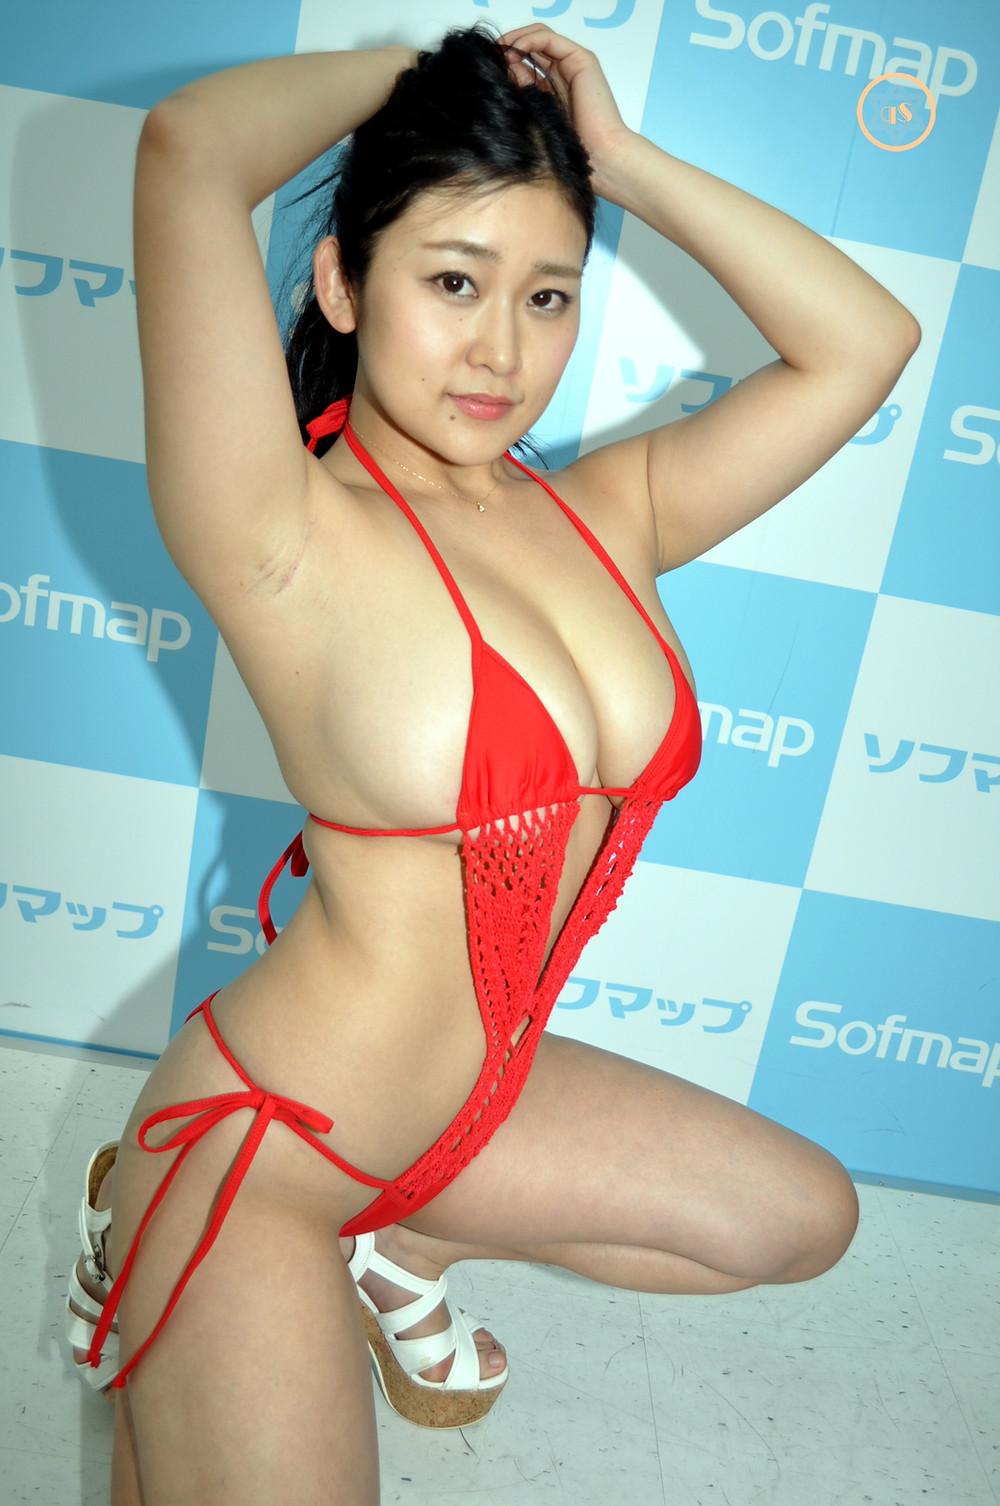 巨乳Gカップグラドル深井彩夏『熱視線/クレイン』DVDBD発売記念イベント (12)